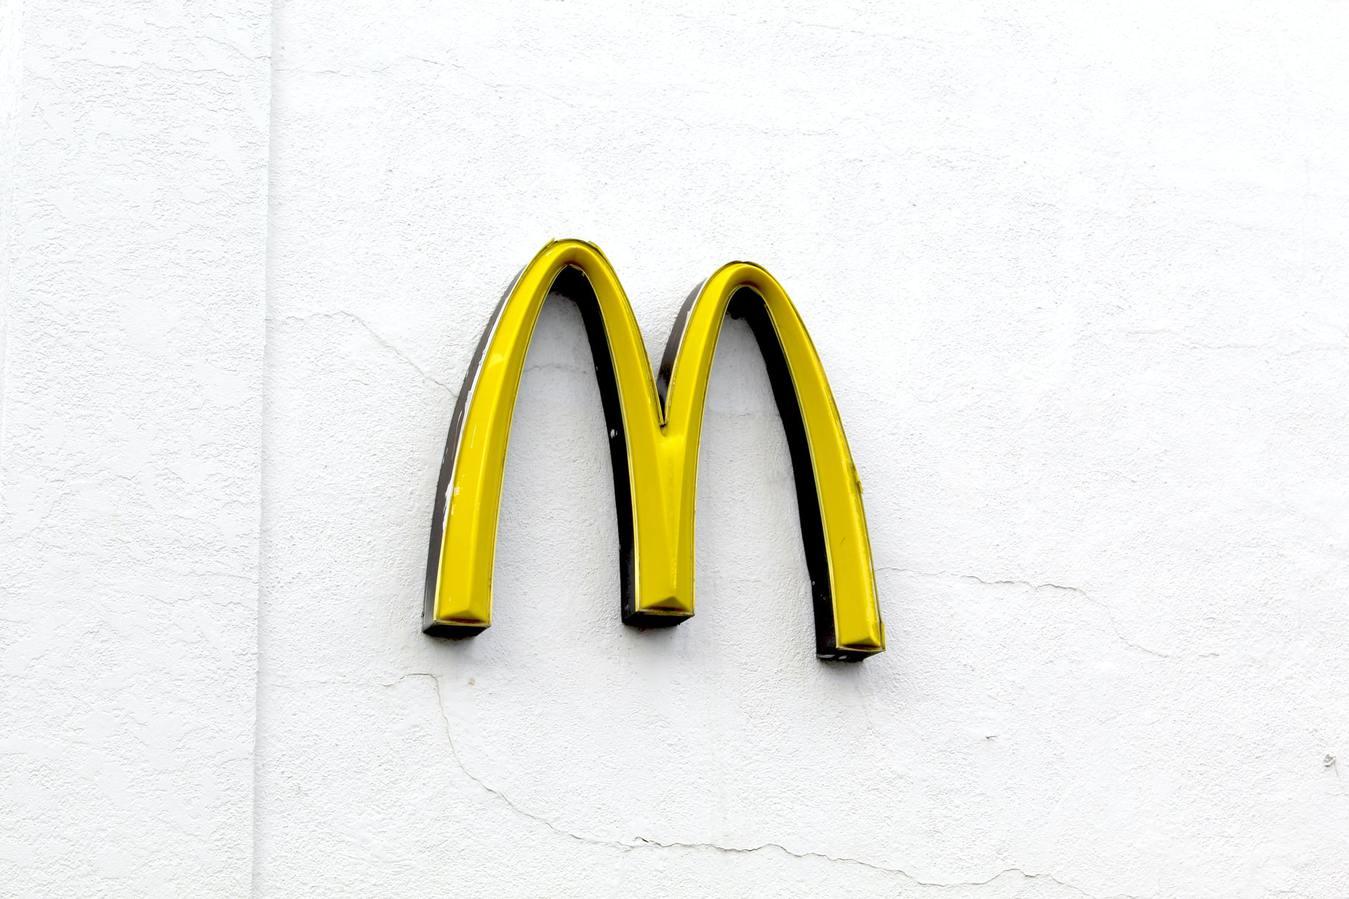 thương hiệu mcdonalds trên background trắng